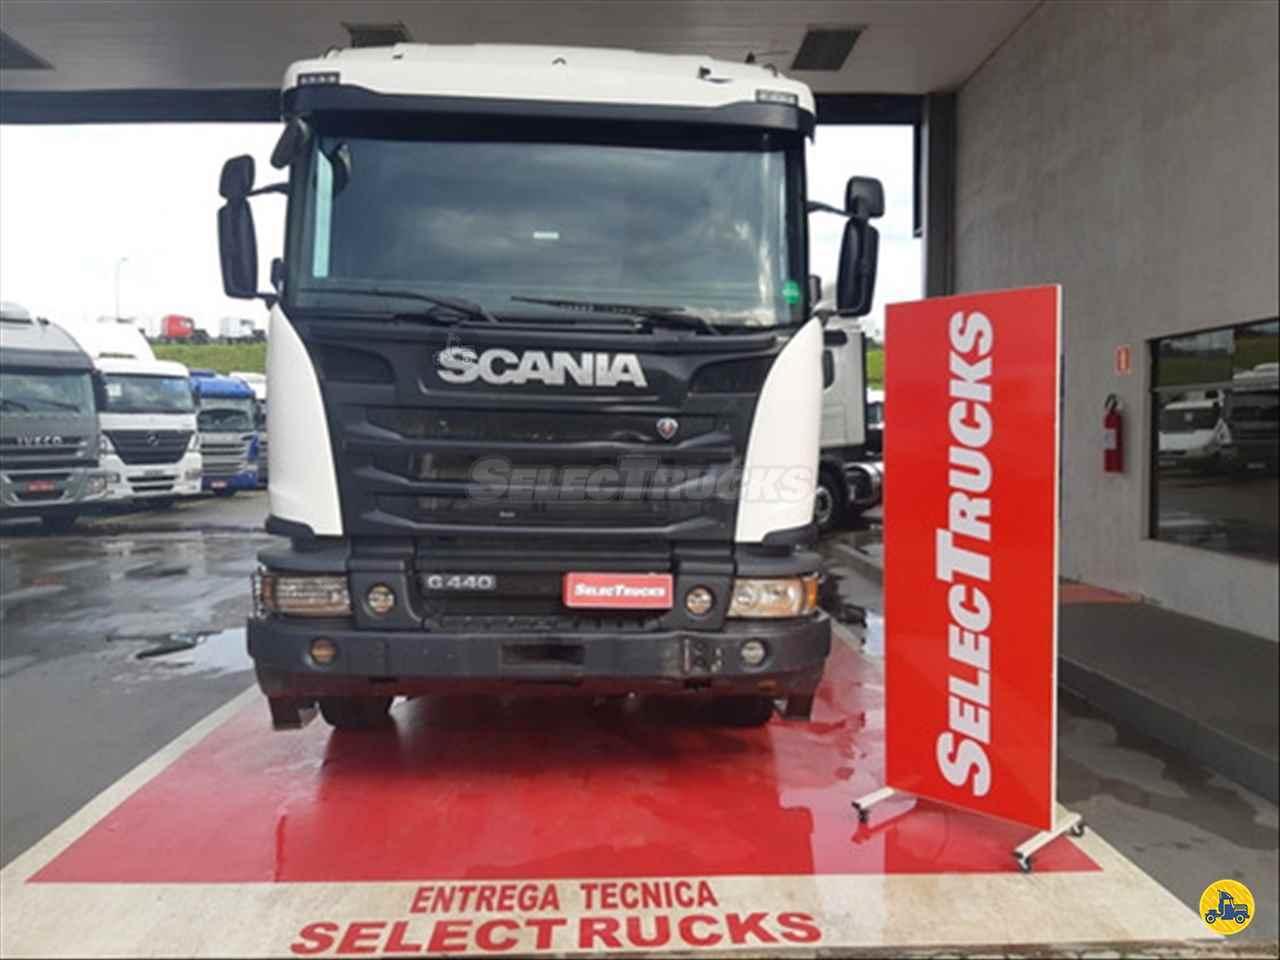 SCANIA SCANIA 440 300000km 2017/2018 SelecTrucks - Mauá SP - Matriz